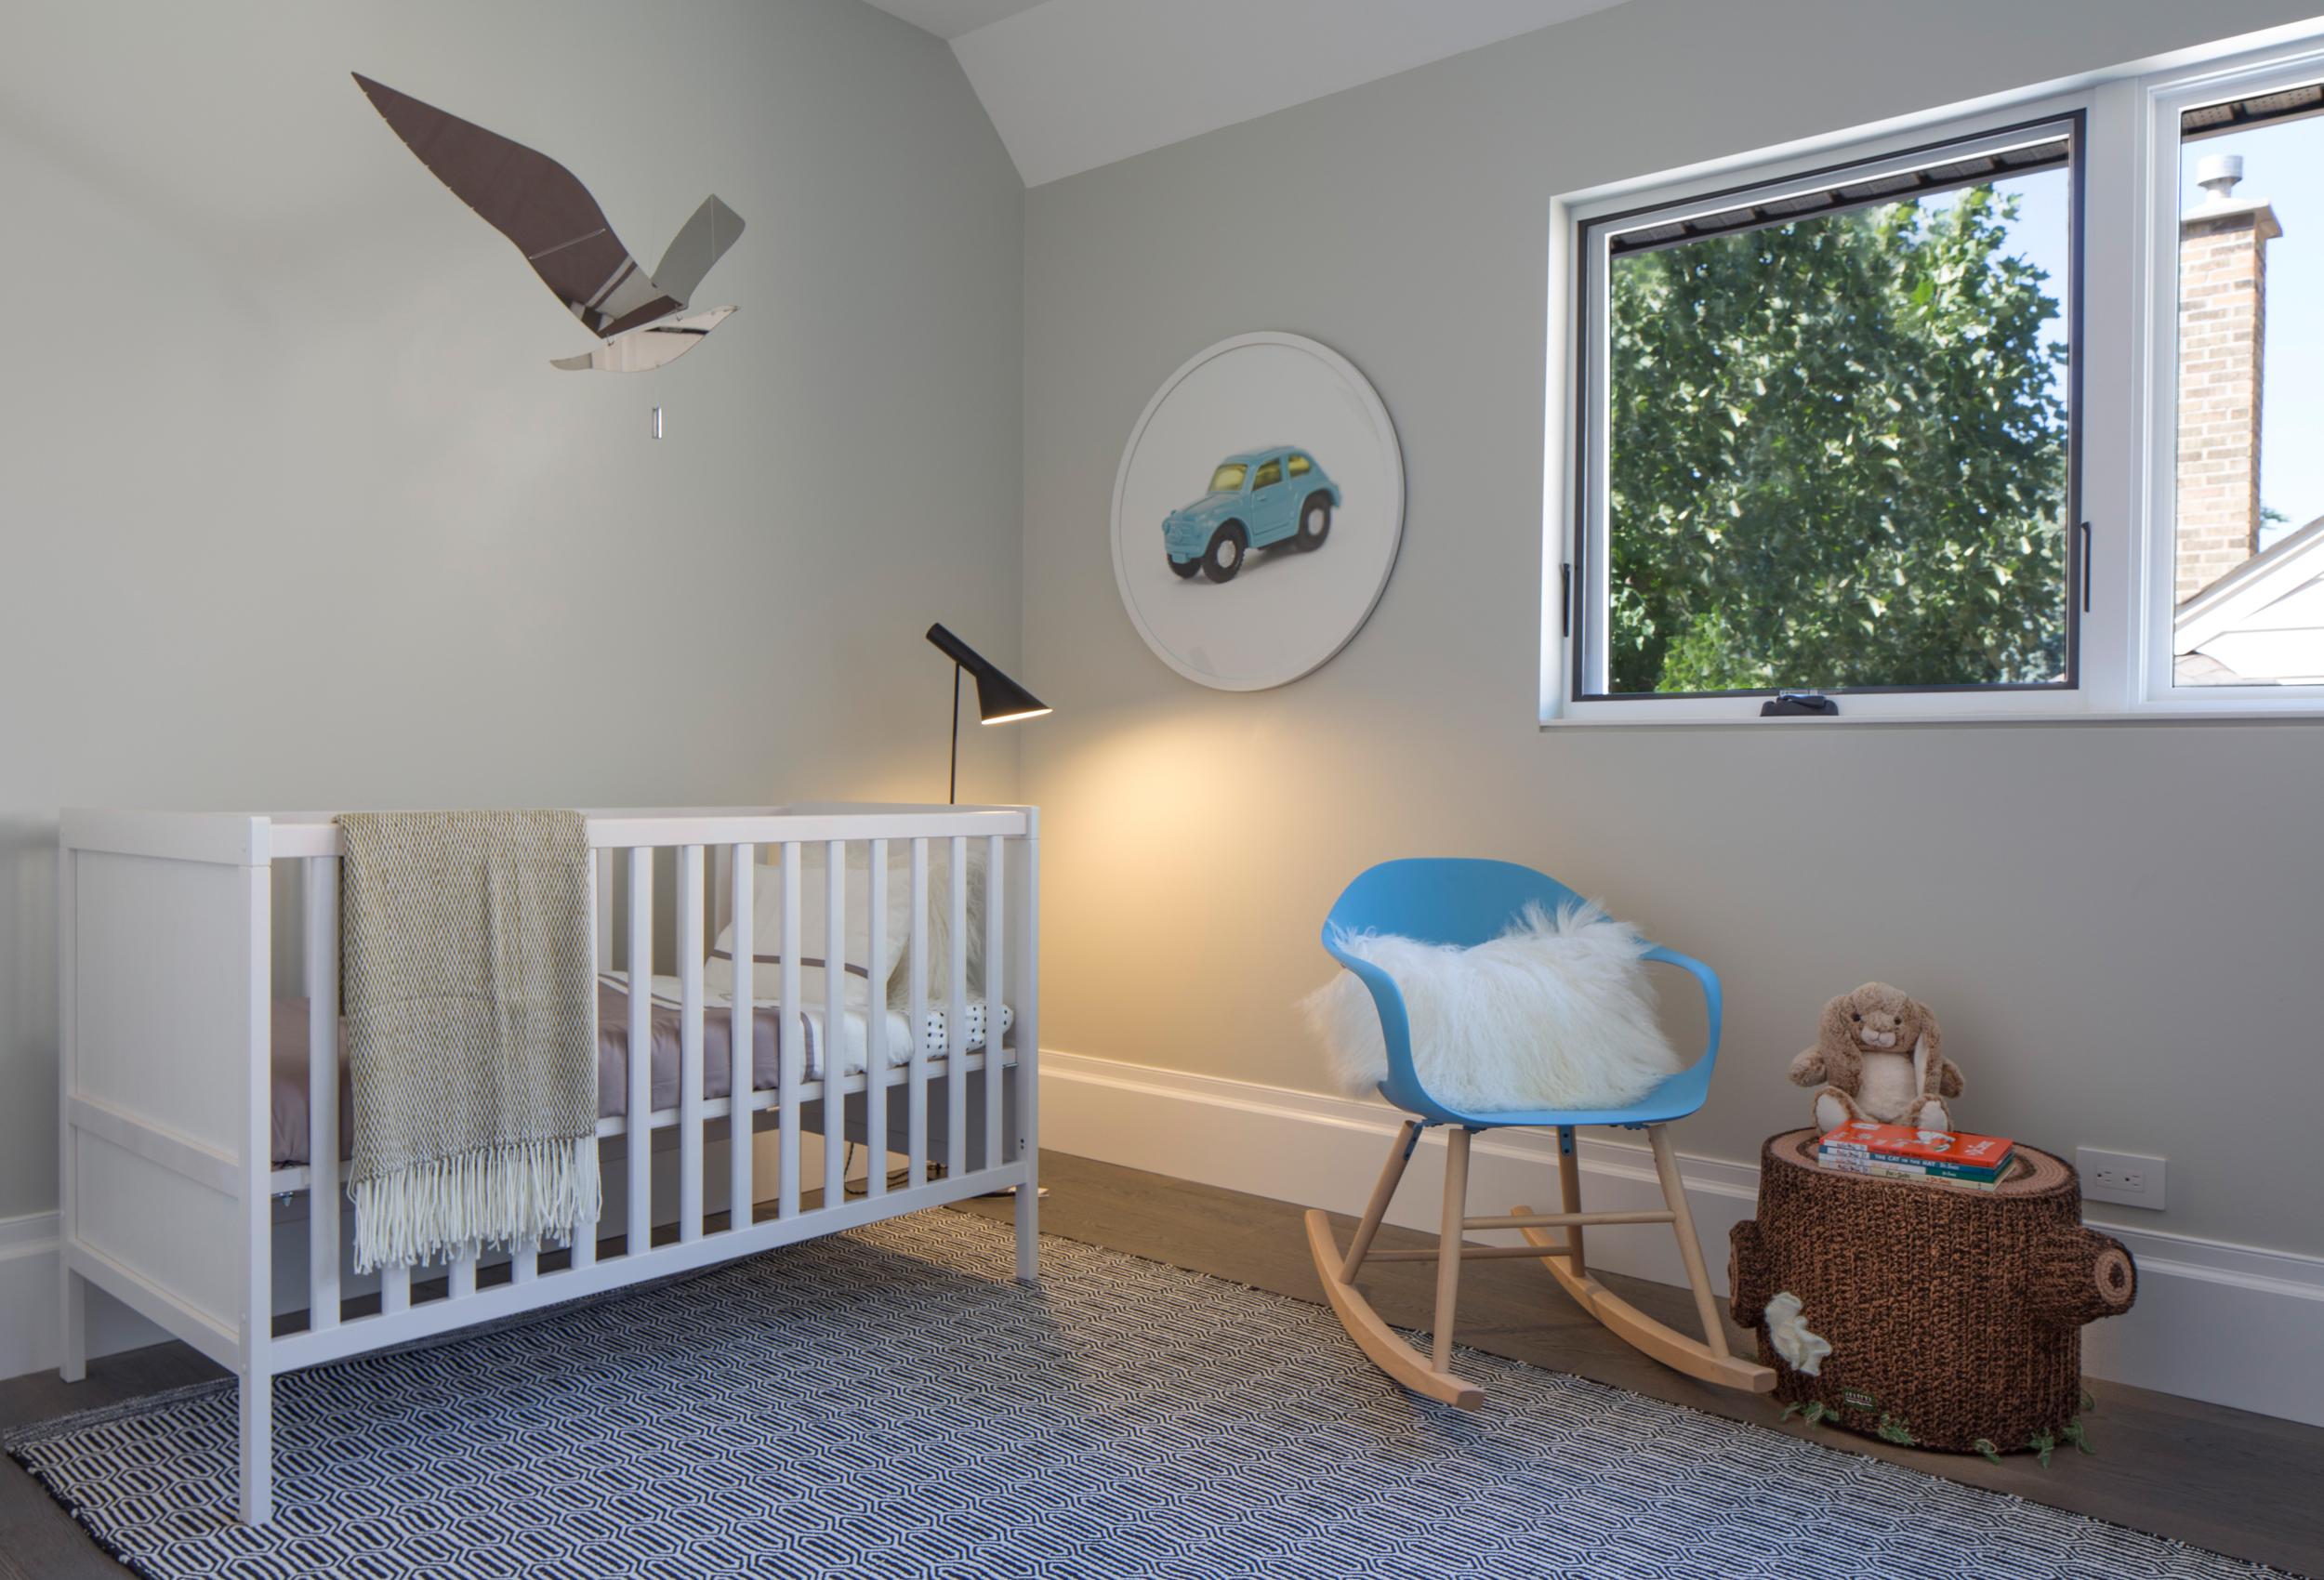 Oni-One-Residential-Kingsway-Nursery.jpg